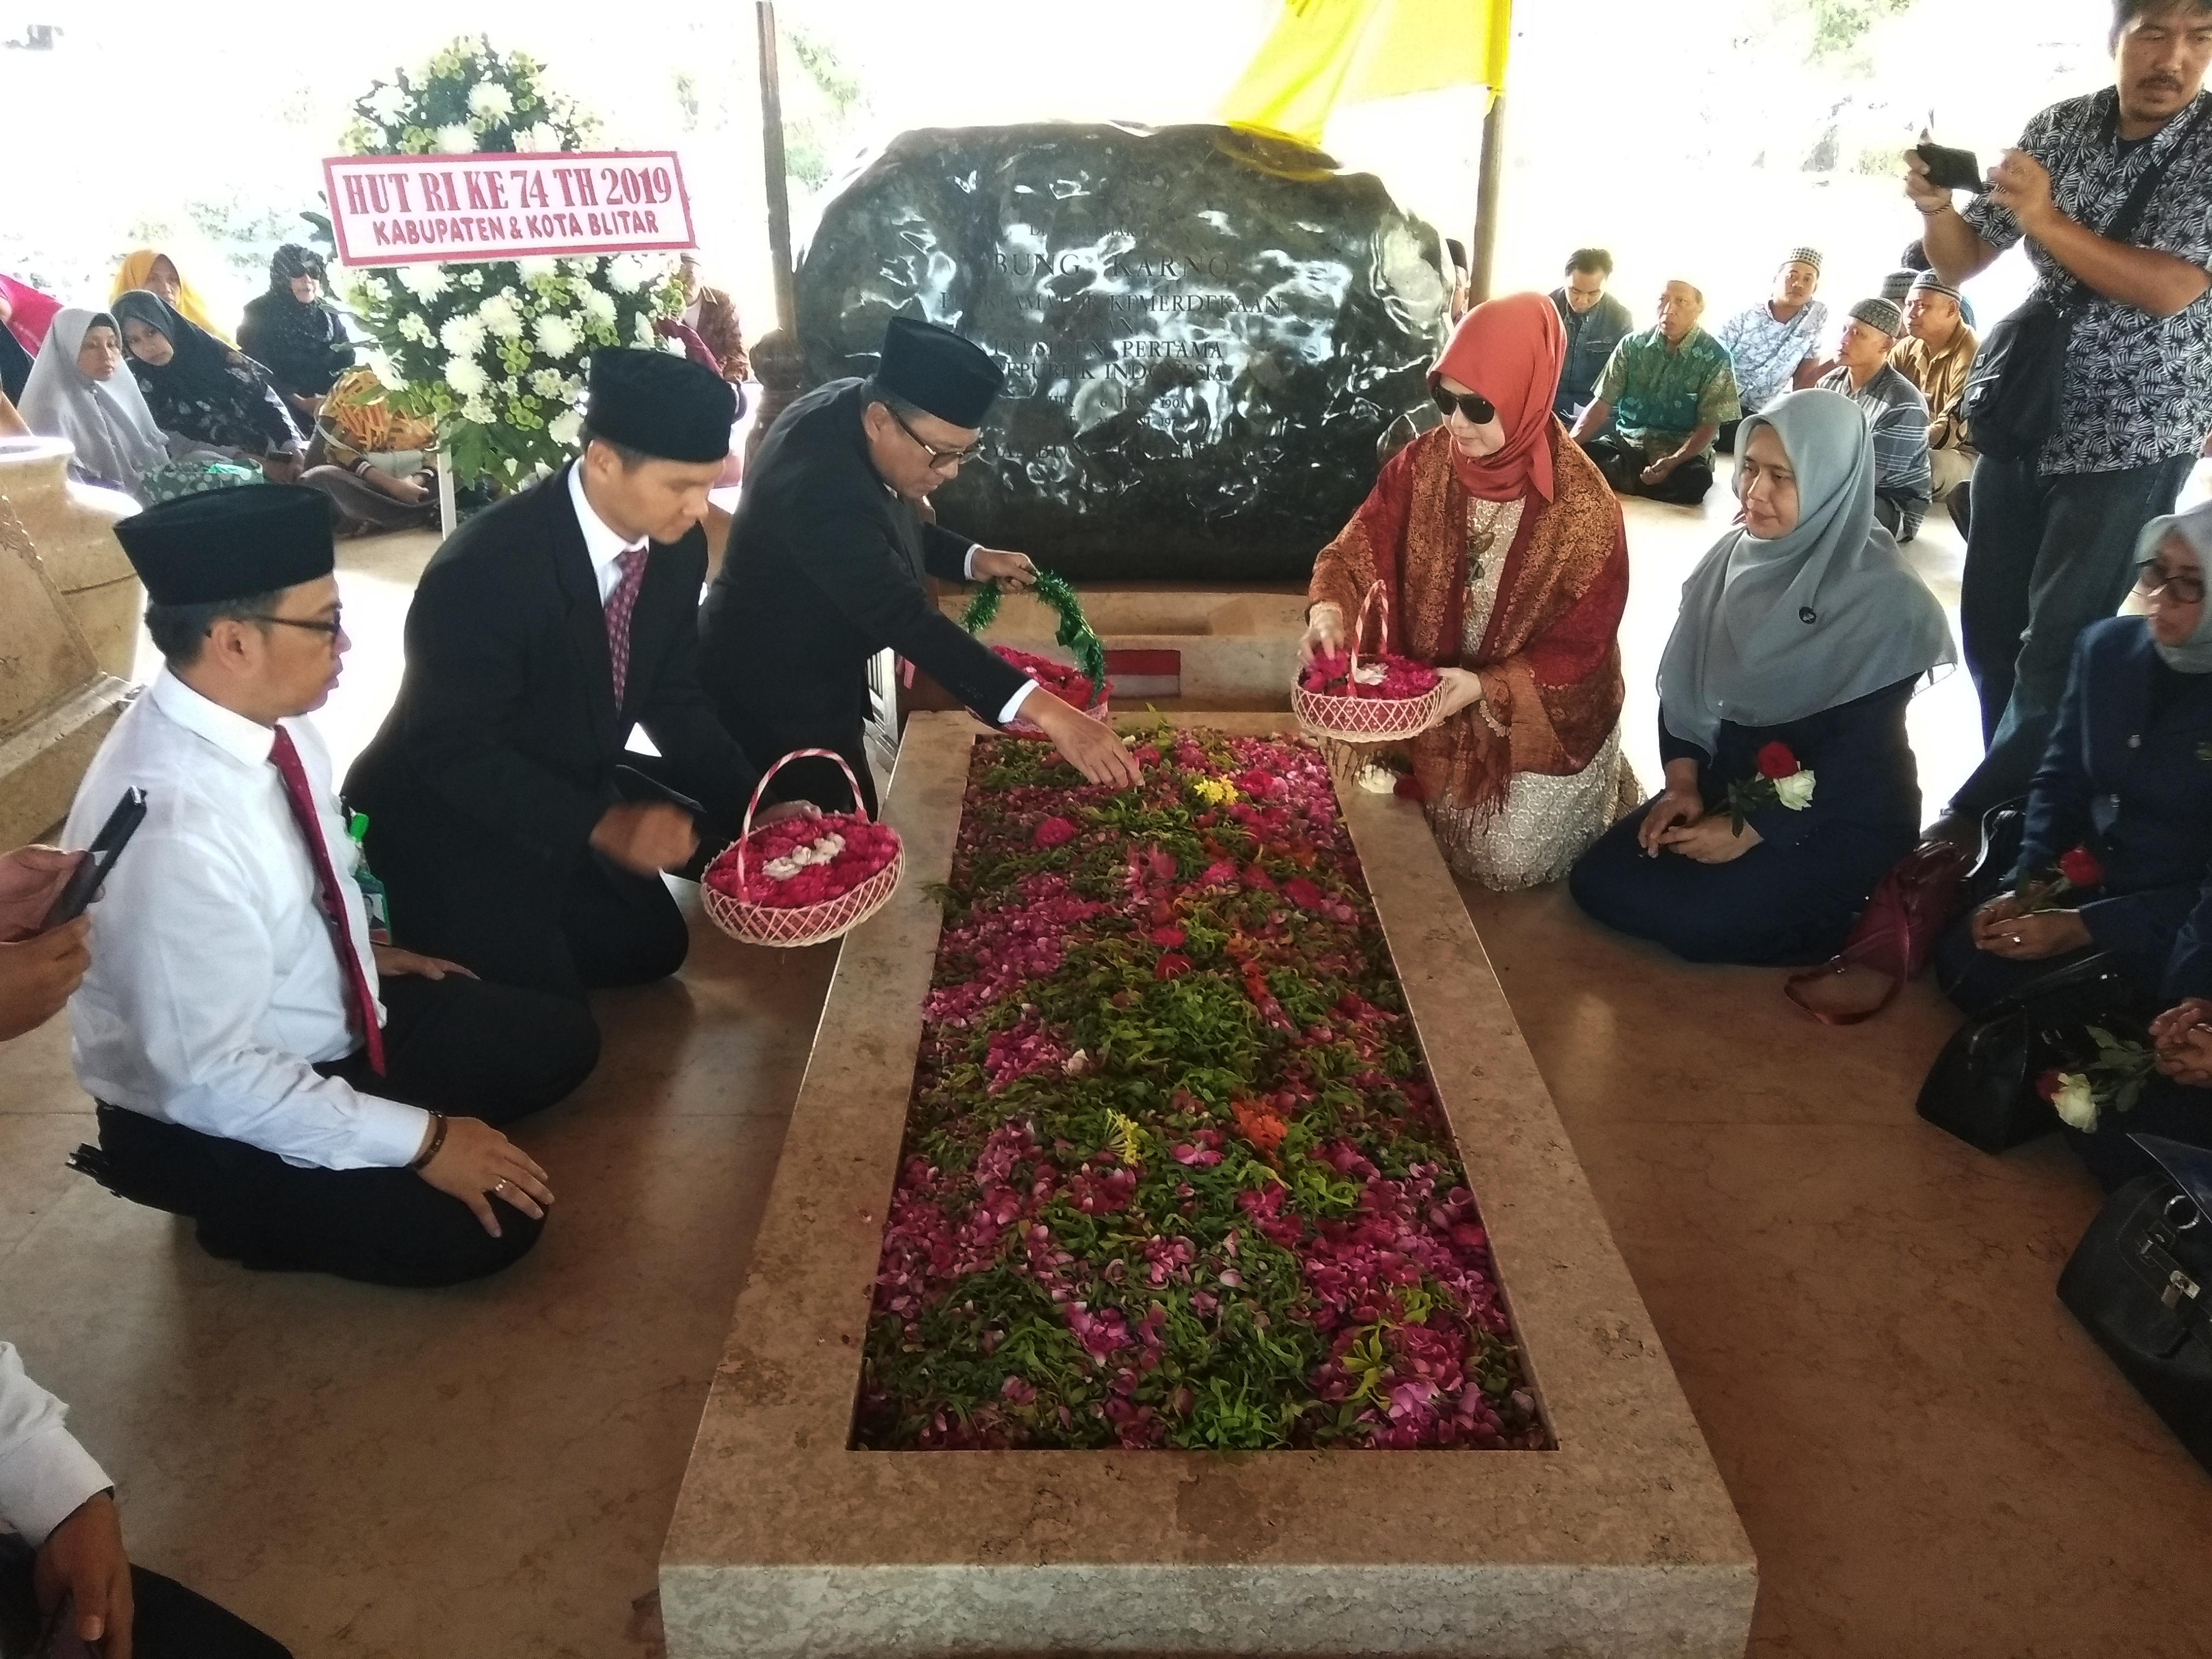 Kepala Bank Indonesia Kediri Musni Hardi saat menaburkan bunga di makam Sang Proklamator. (eko Arif s /JatimTimes)